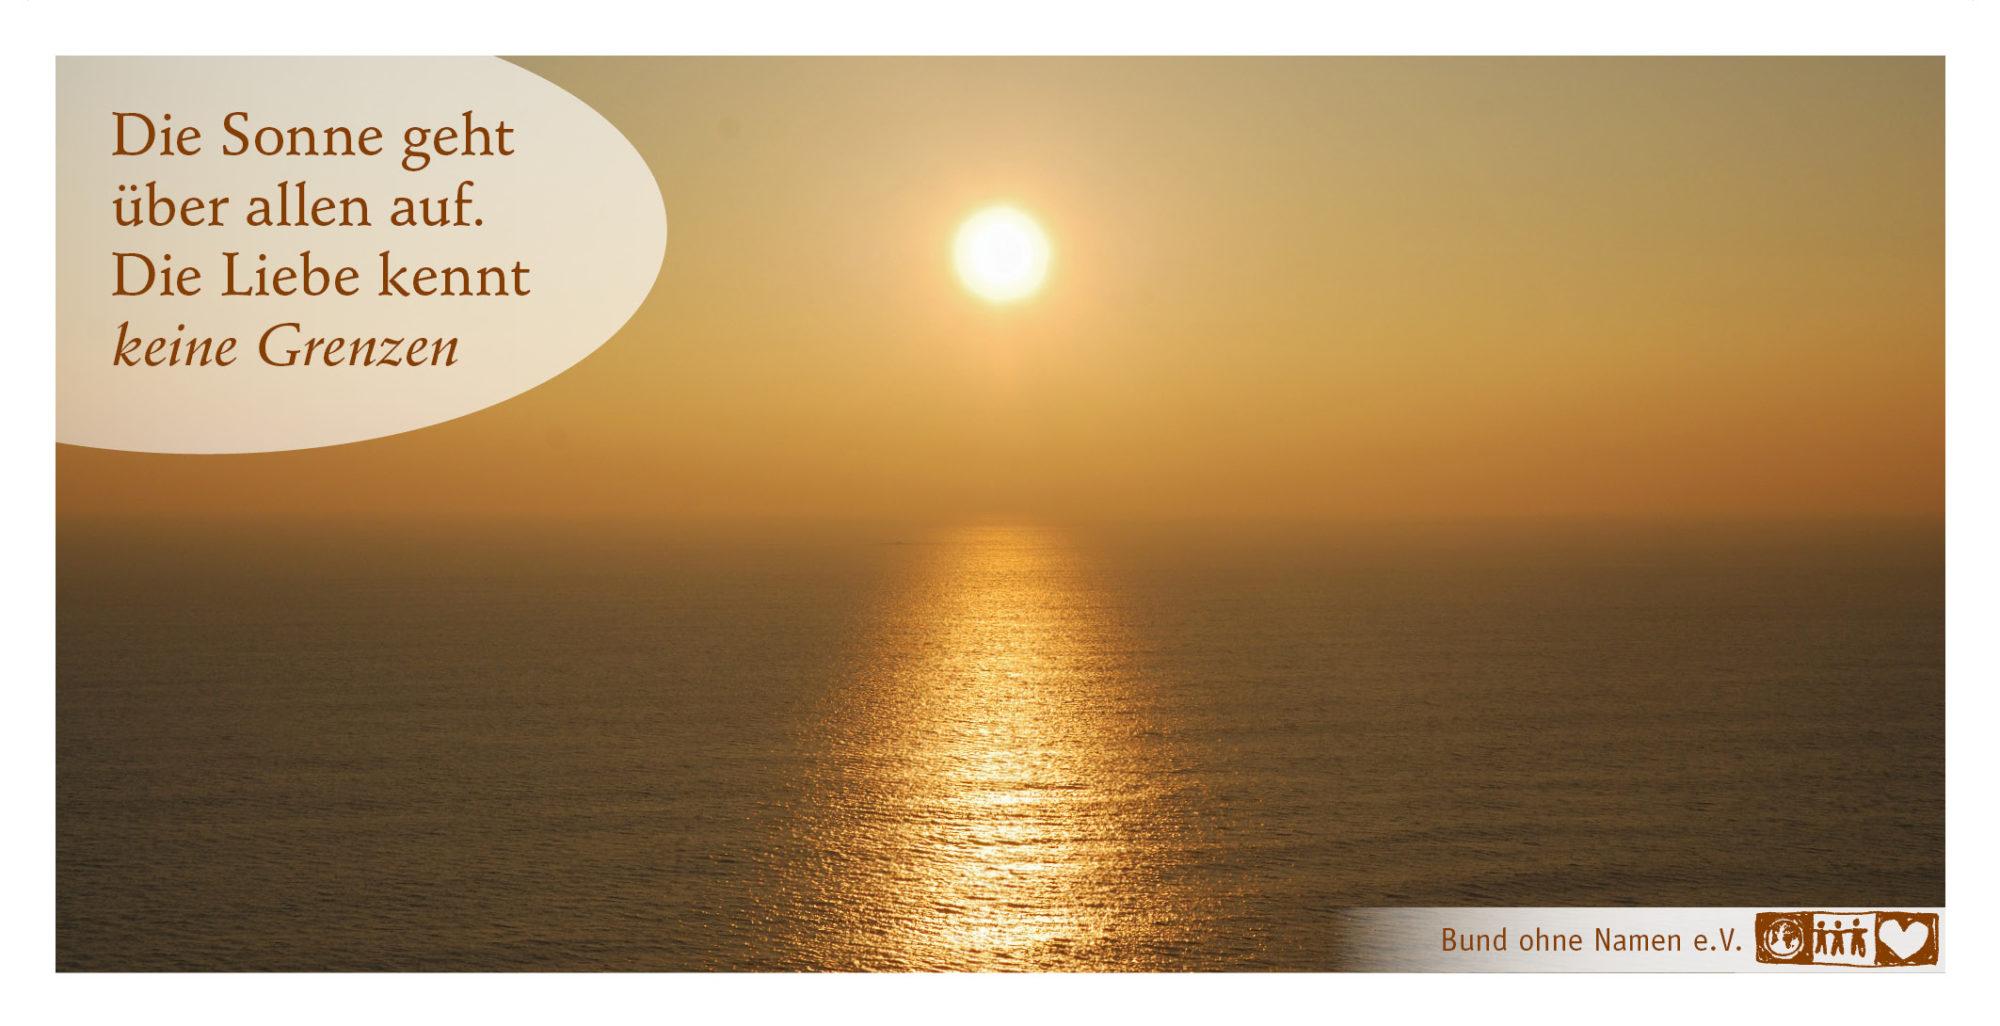 Die Sonne geht über allen auf. Die Liebe kennt keine Grenzen